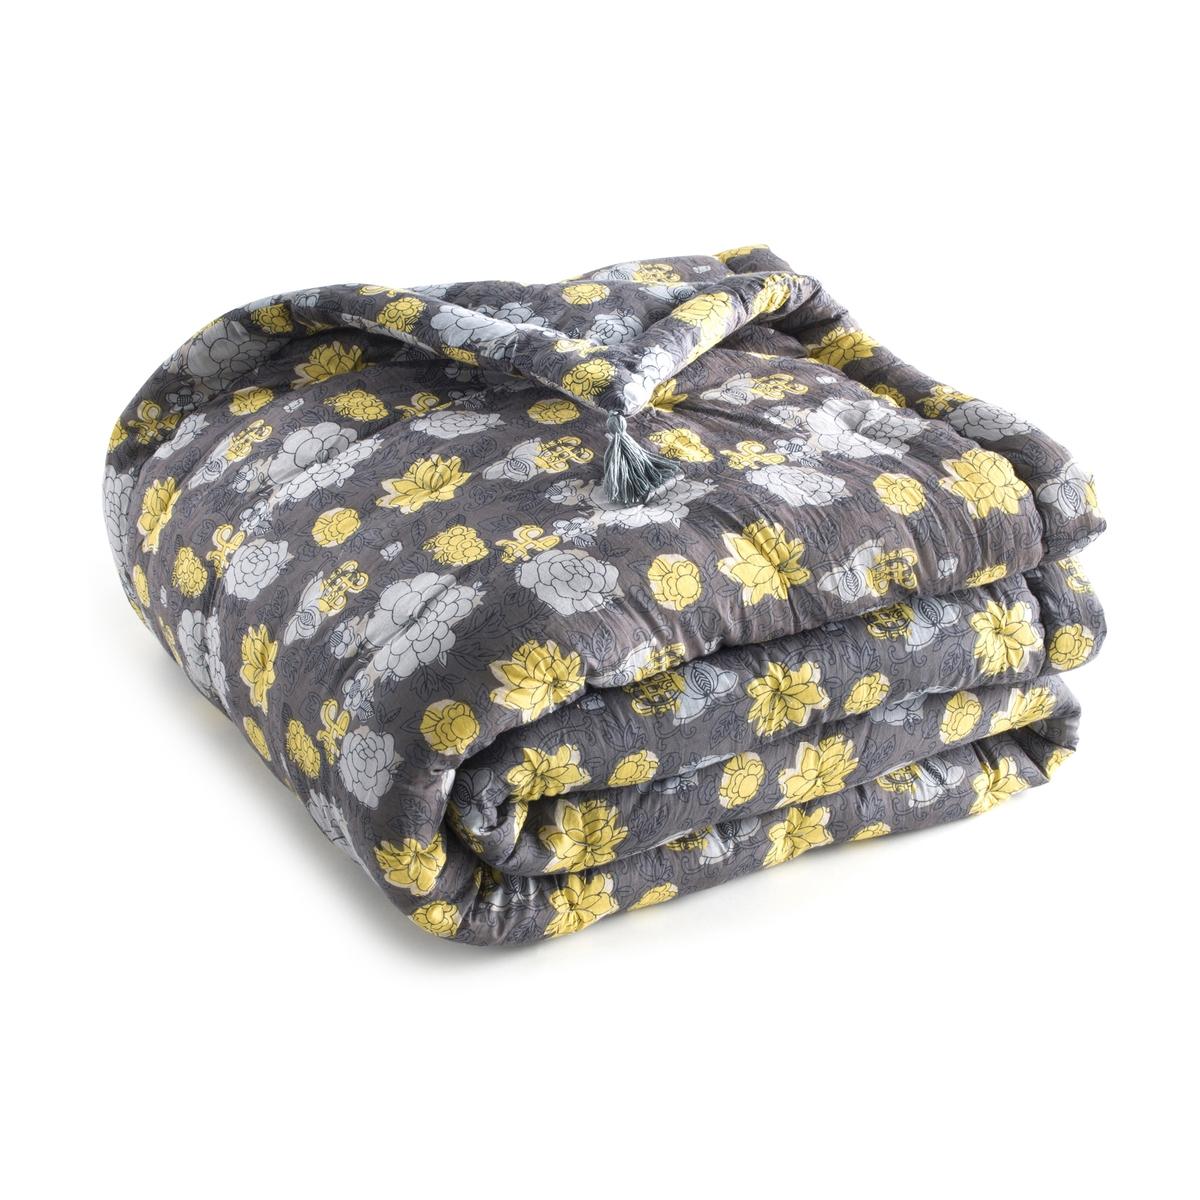 Одеяло стеганое из хлопковой вуали с рисунком колорблок, Singleton